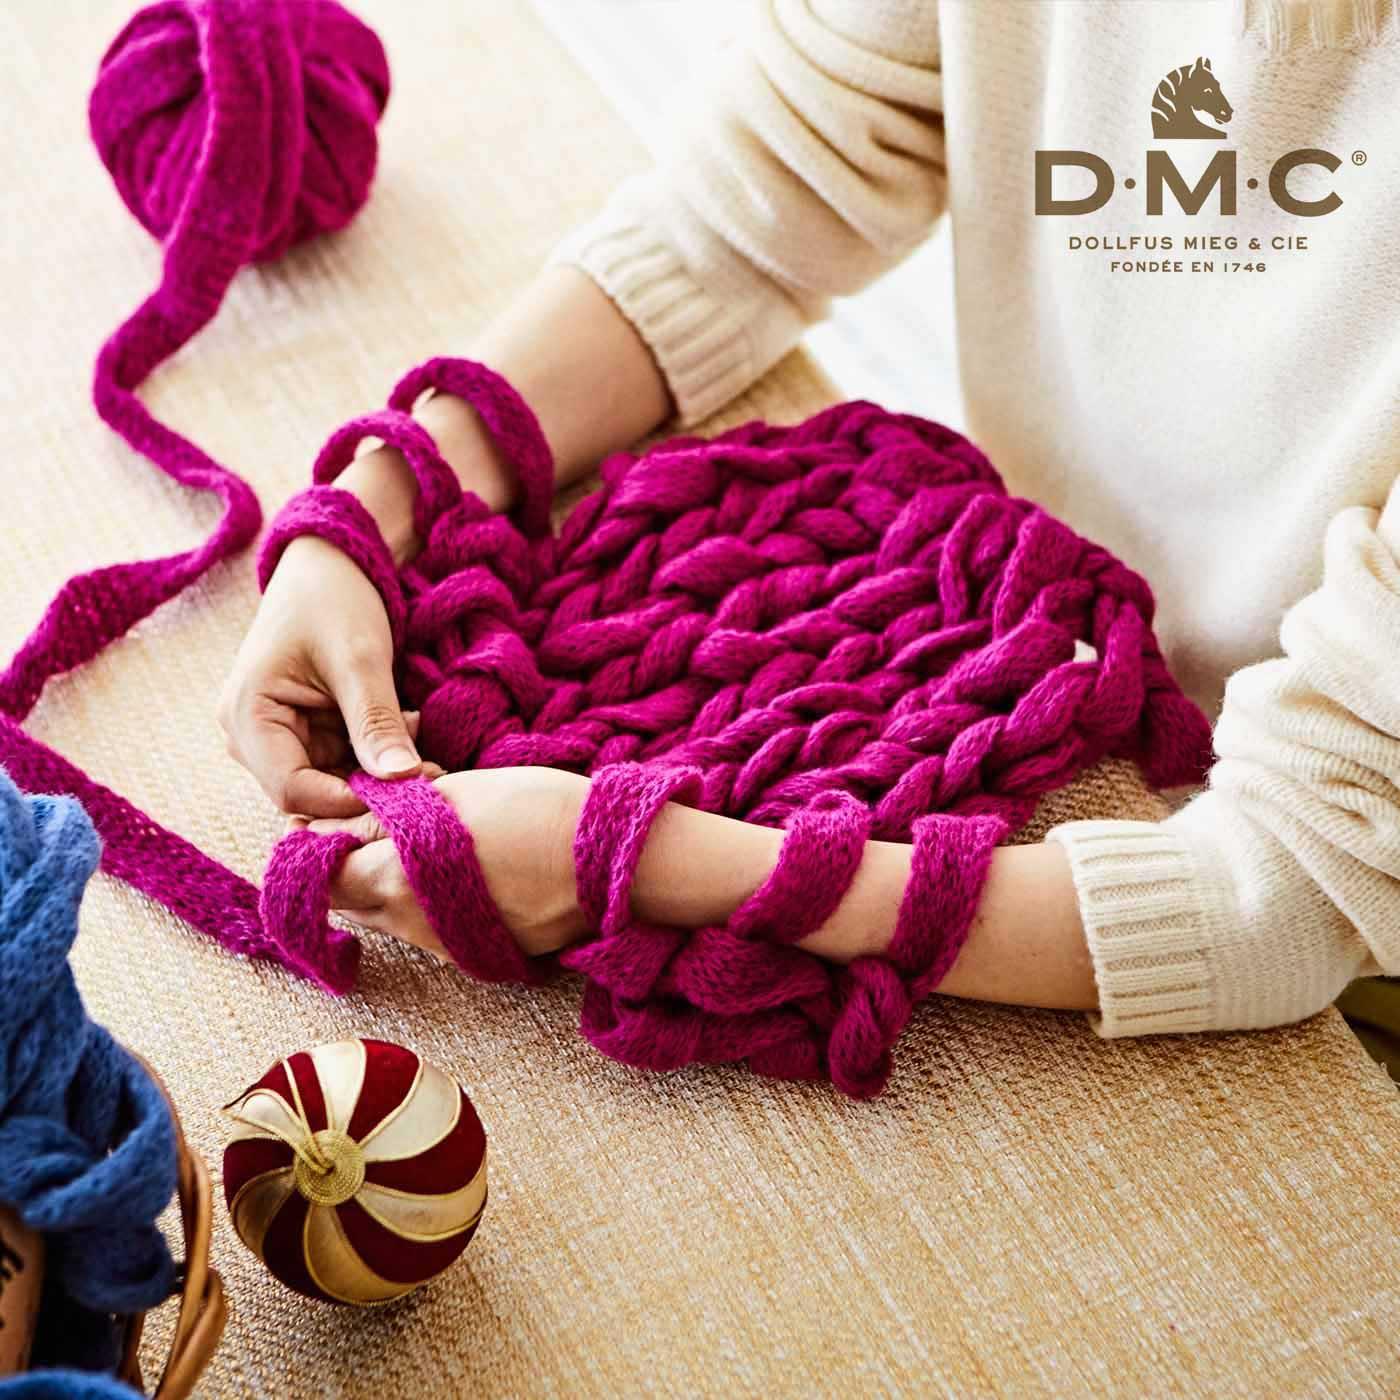 まるであやとりをするように、腕で編んでいきます。